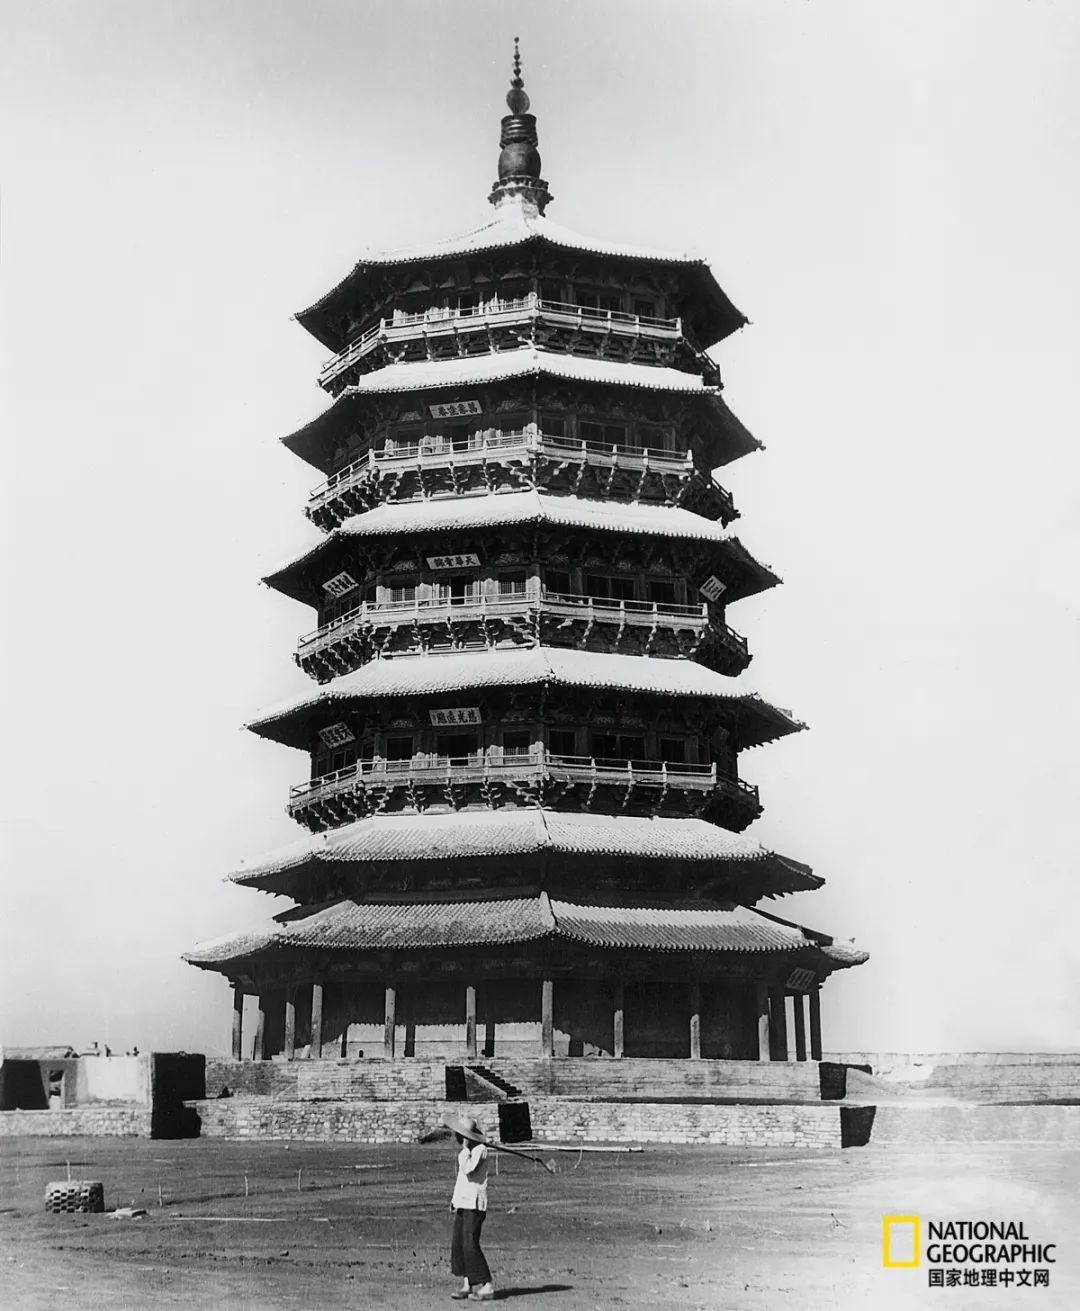 """应县木塔,世界最高木结构建筑,梁思成曾赞叹它""""真是个独一无二的伟大作品""""。 供图:林洙"""